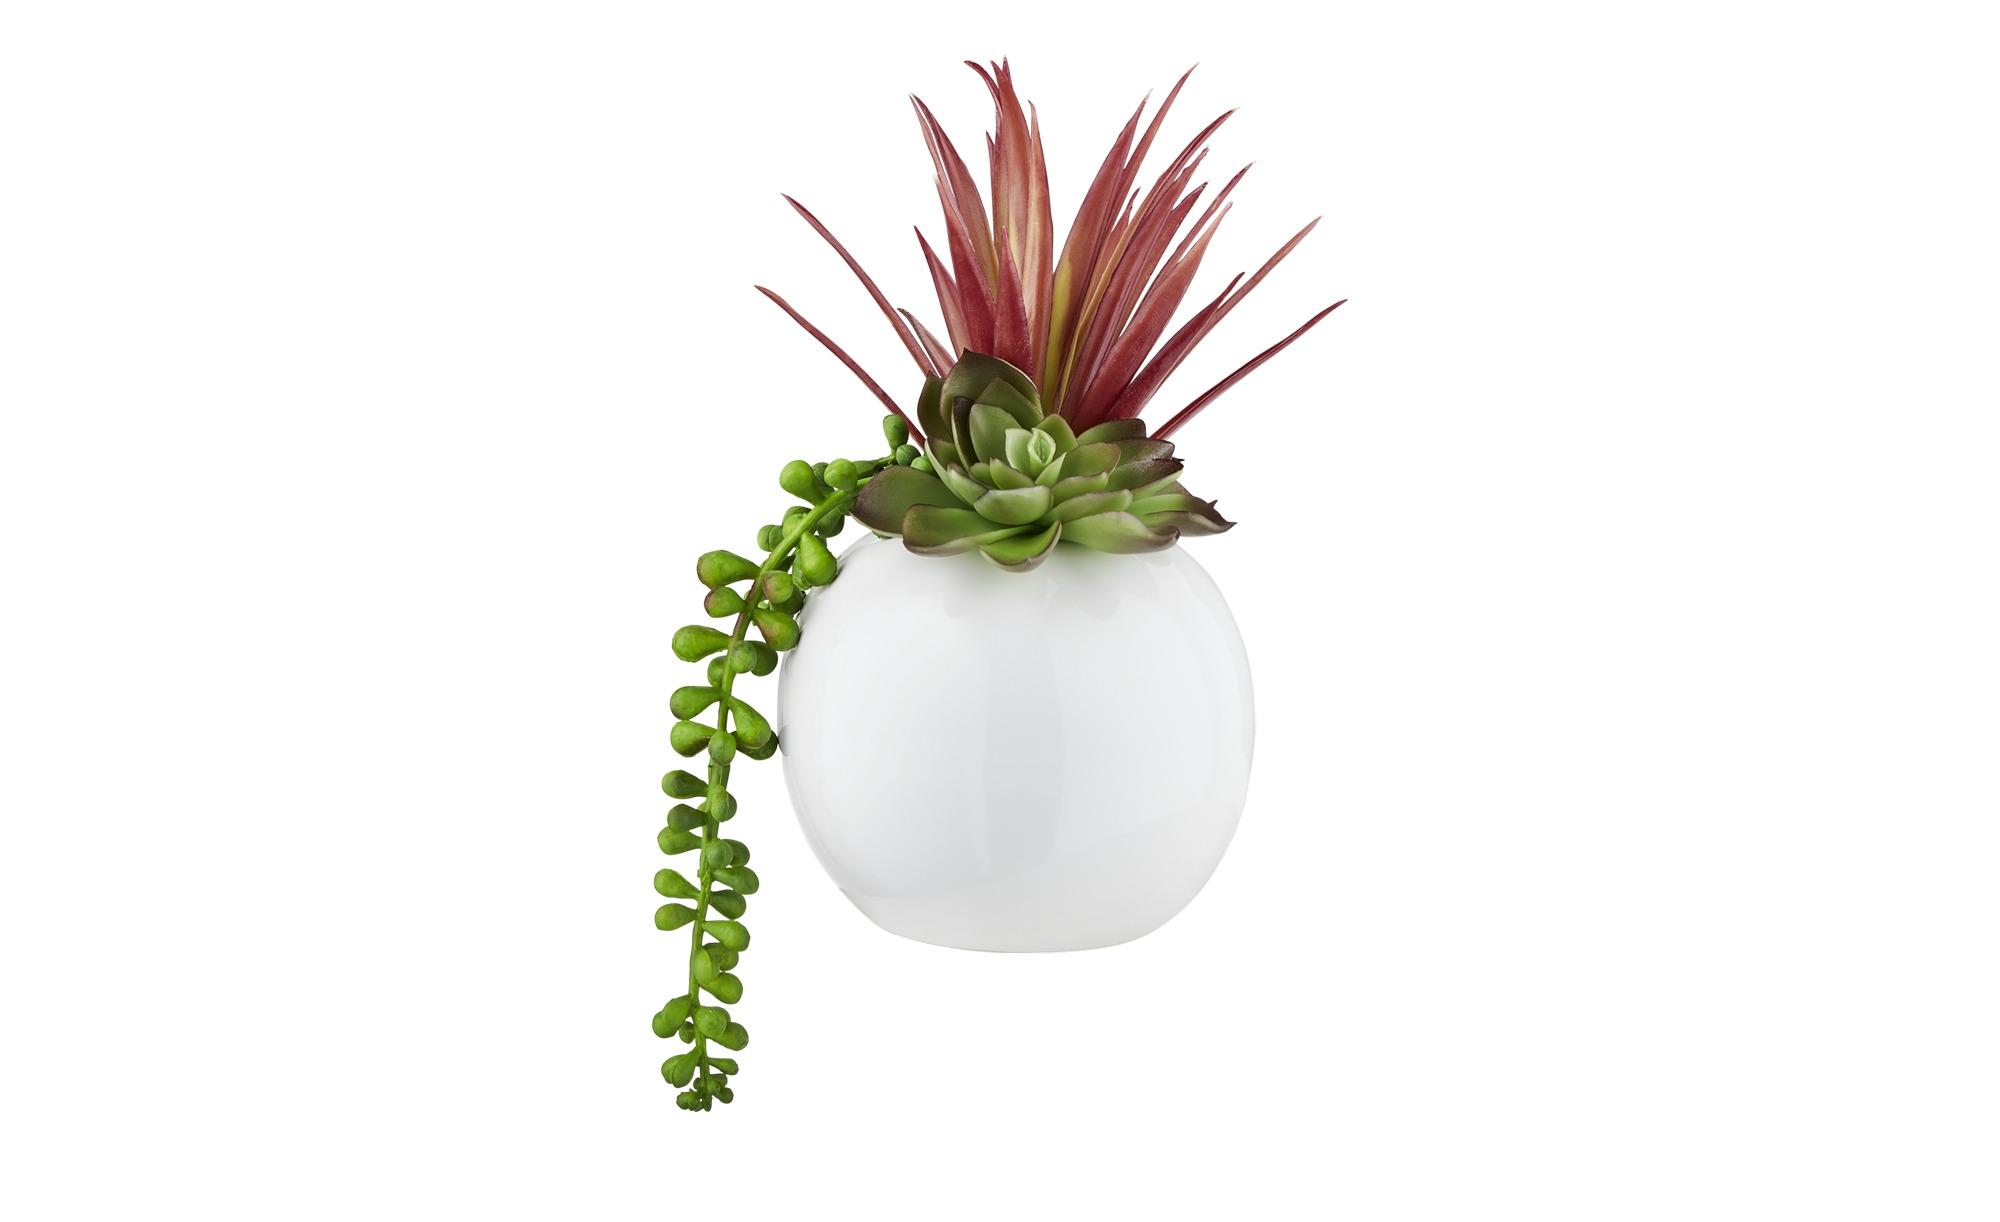 Sukkulentenmix im Keramiktopf  Kunstblume - grün - Keramik, Kunststoff - 20 cm - Dekoration > Kunstblumen - Möbel Kraft | Dekoration > Dekopflanzen > Pflanzen | Möbel Kraft